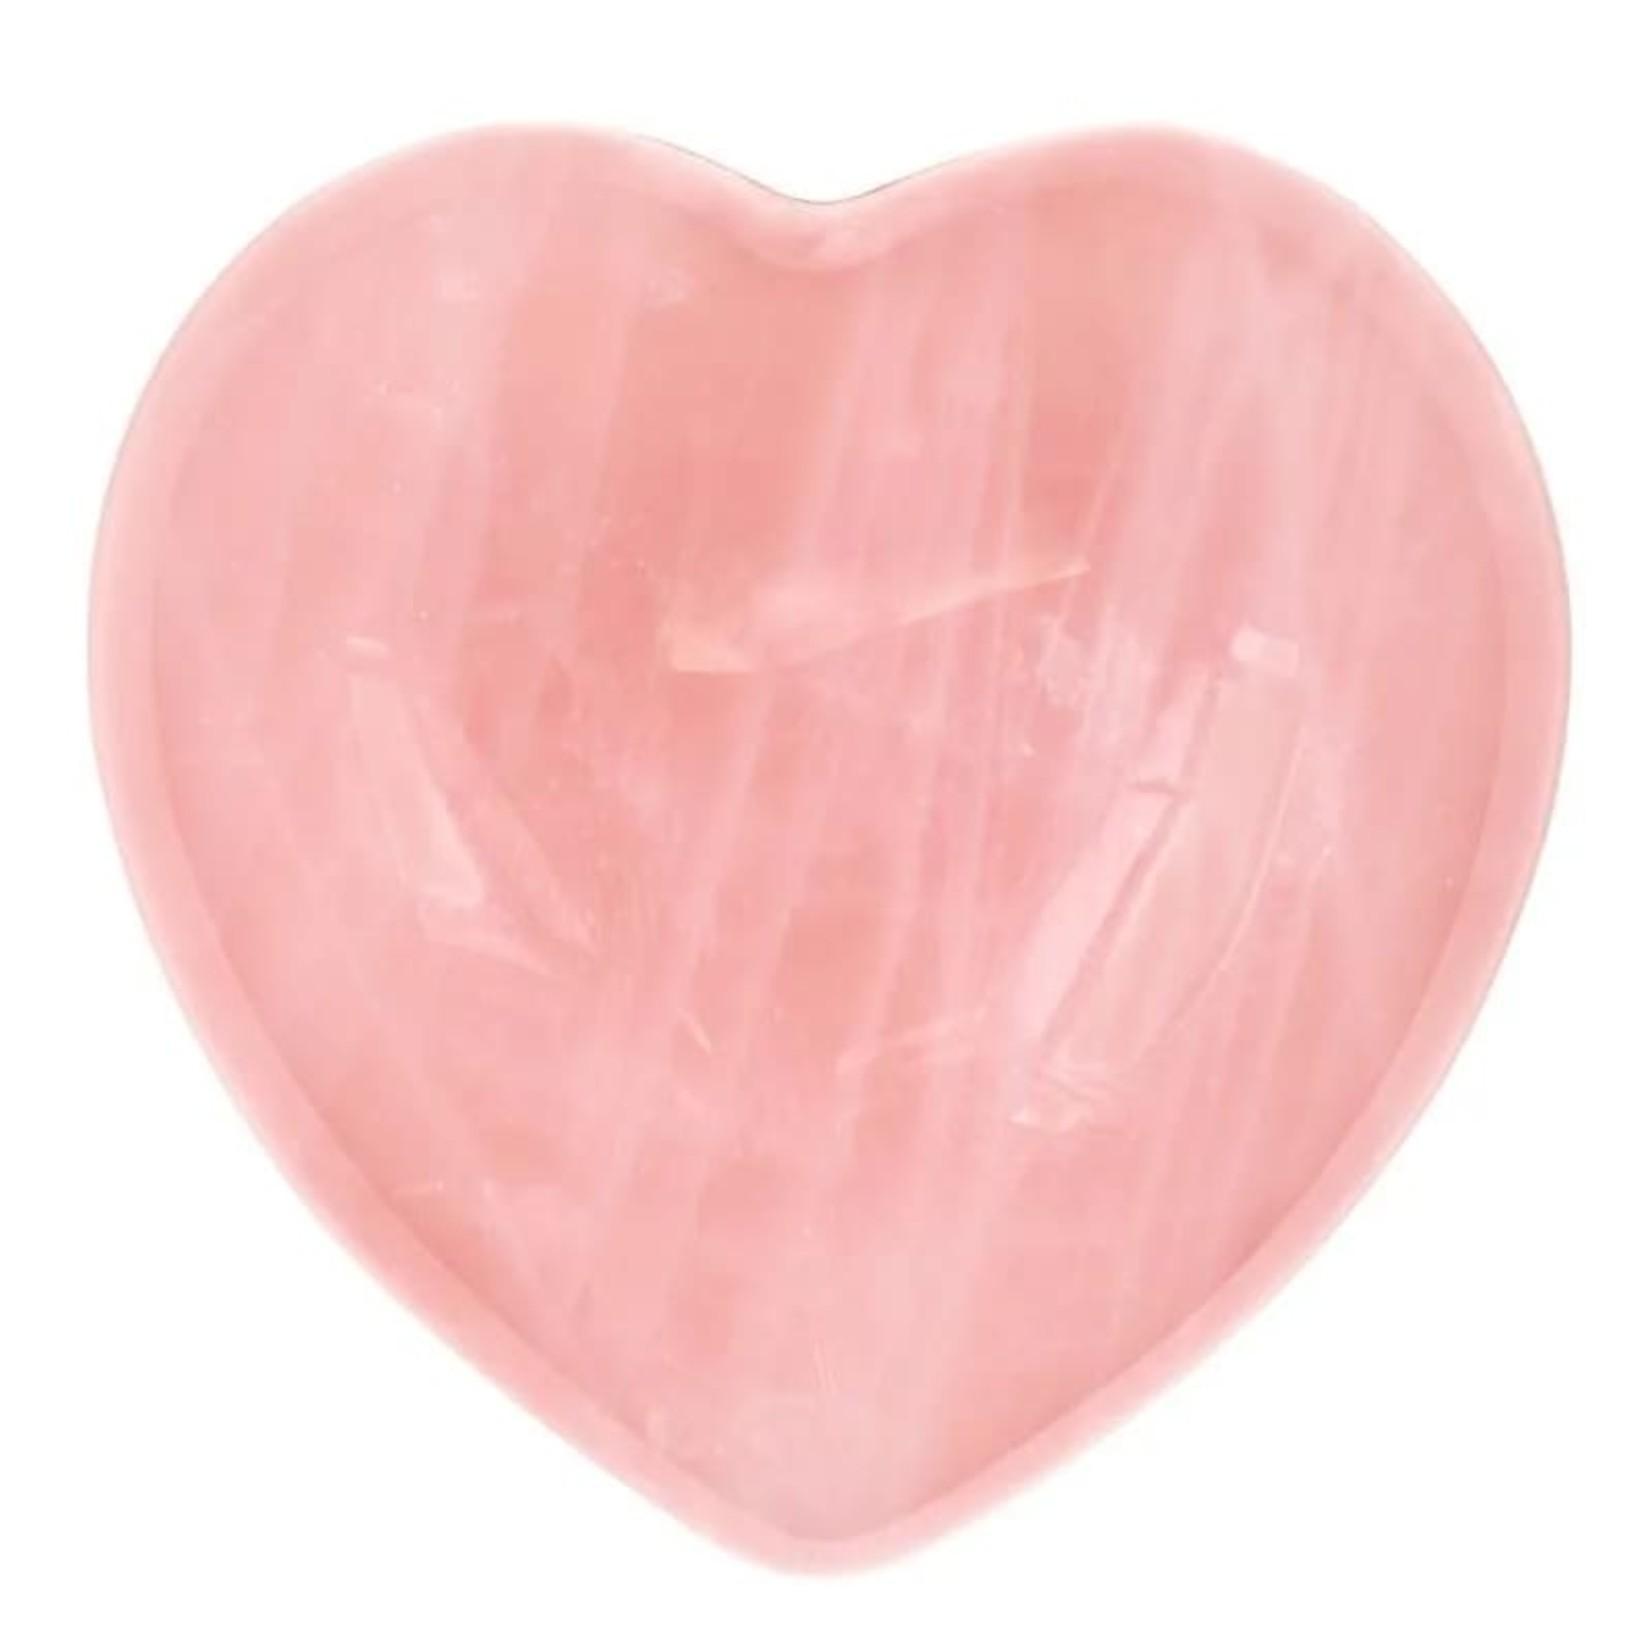 Rozenkwarts hart - 4cm - innerlijke genezing en eigenliefde